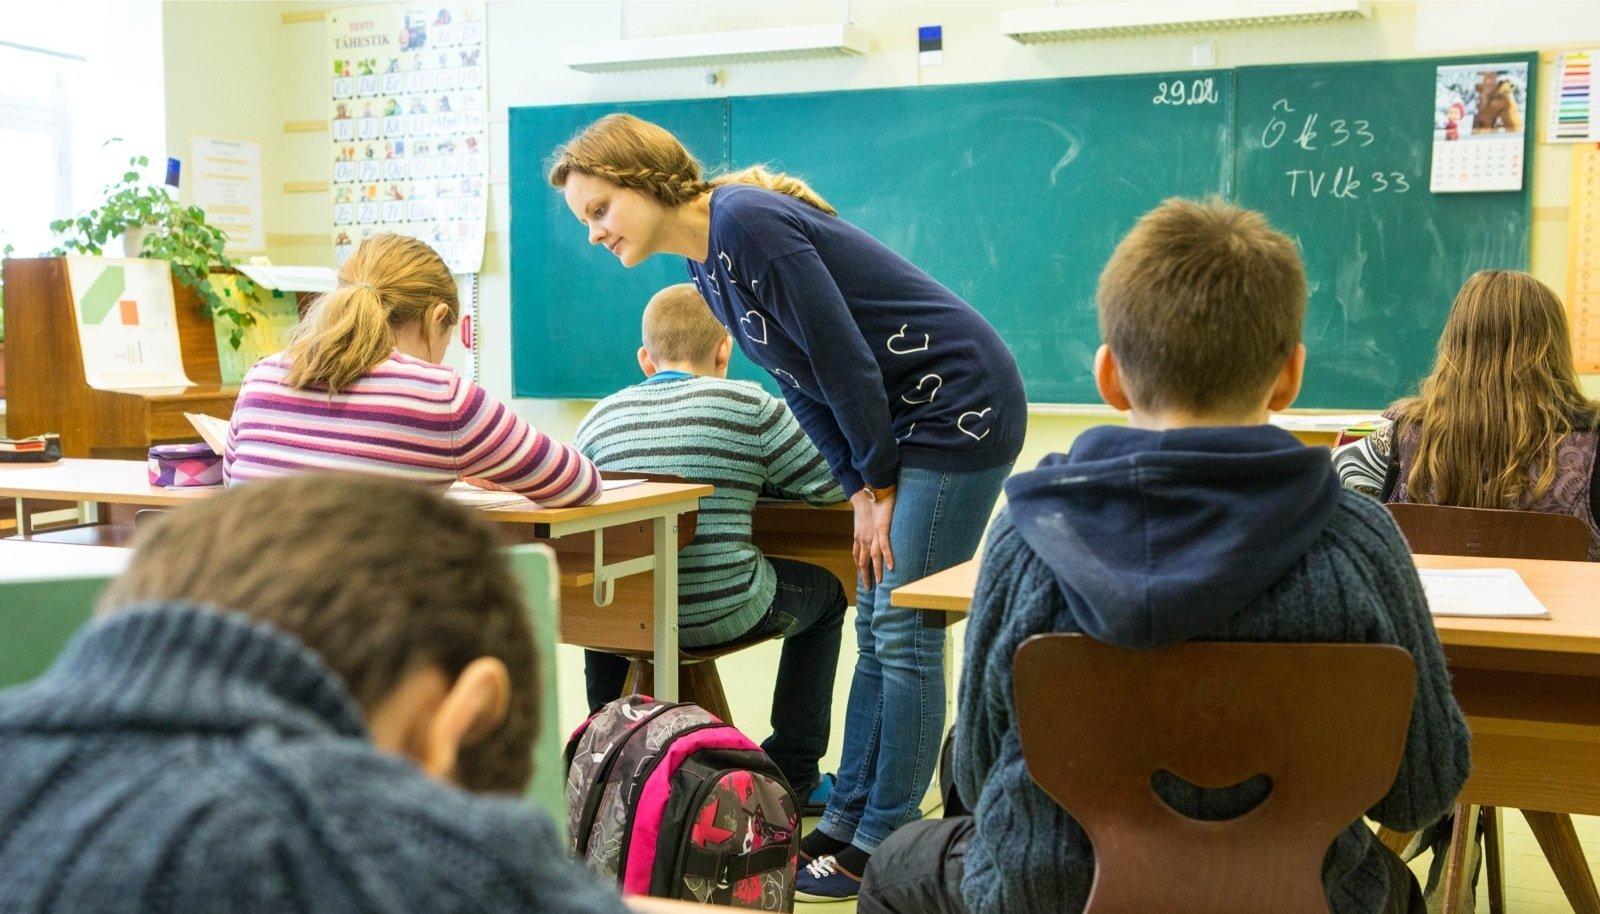 Pildil on kolmanda klassi matemaatikatund õpetaja Kristiine Adamsoniga. Klassis on kaks poissi, kellele eesti keel on kolmas keel.